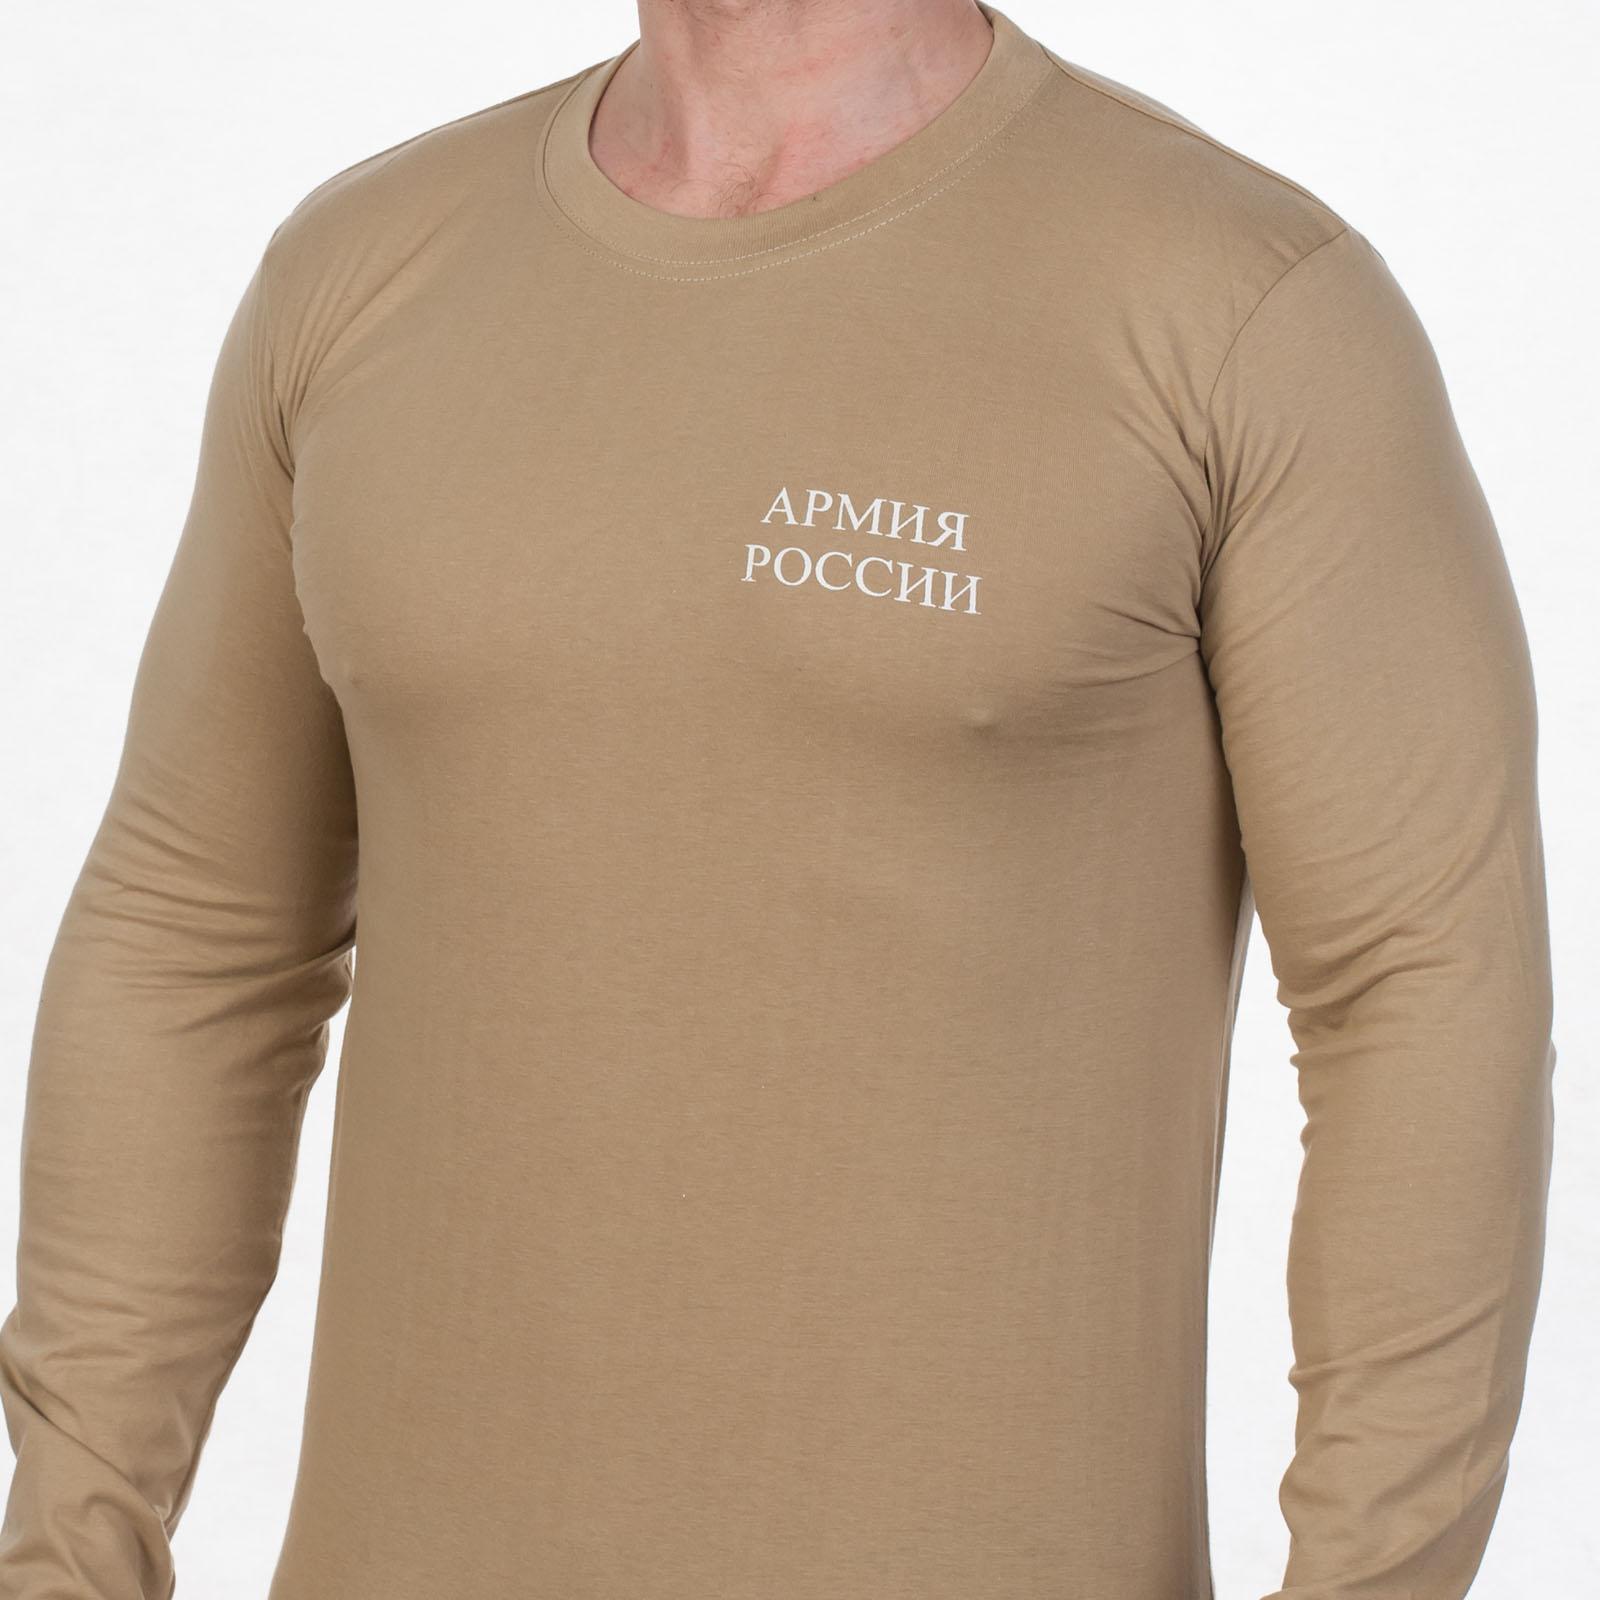 Уставная футболка Армия России с длинным рукавом